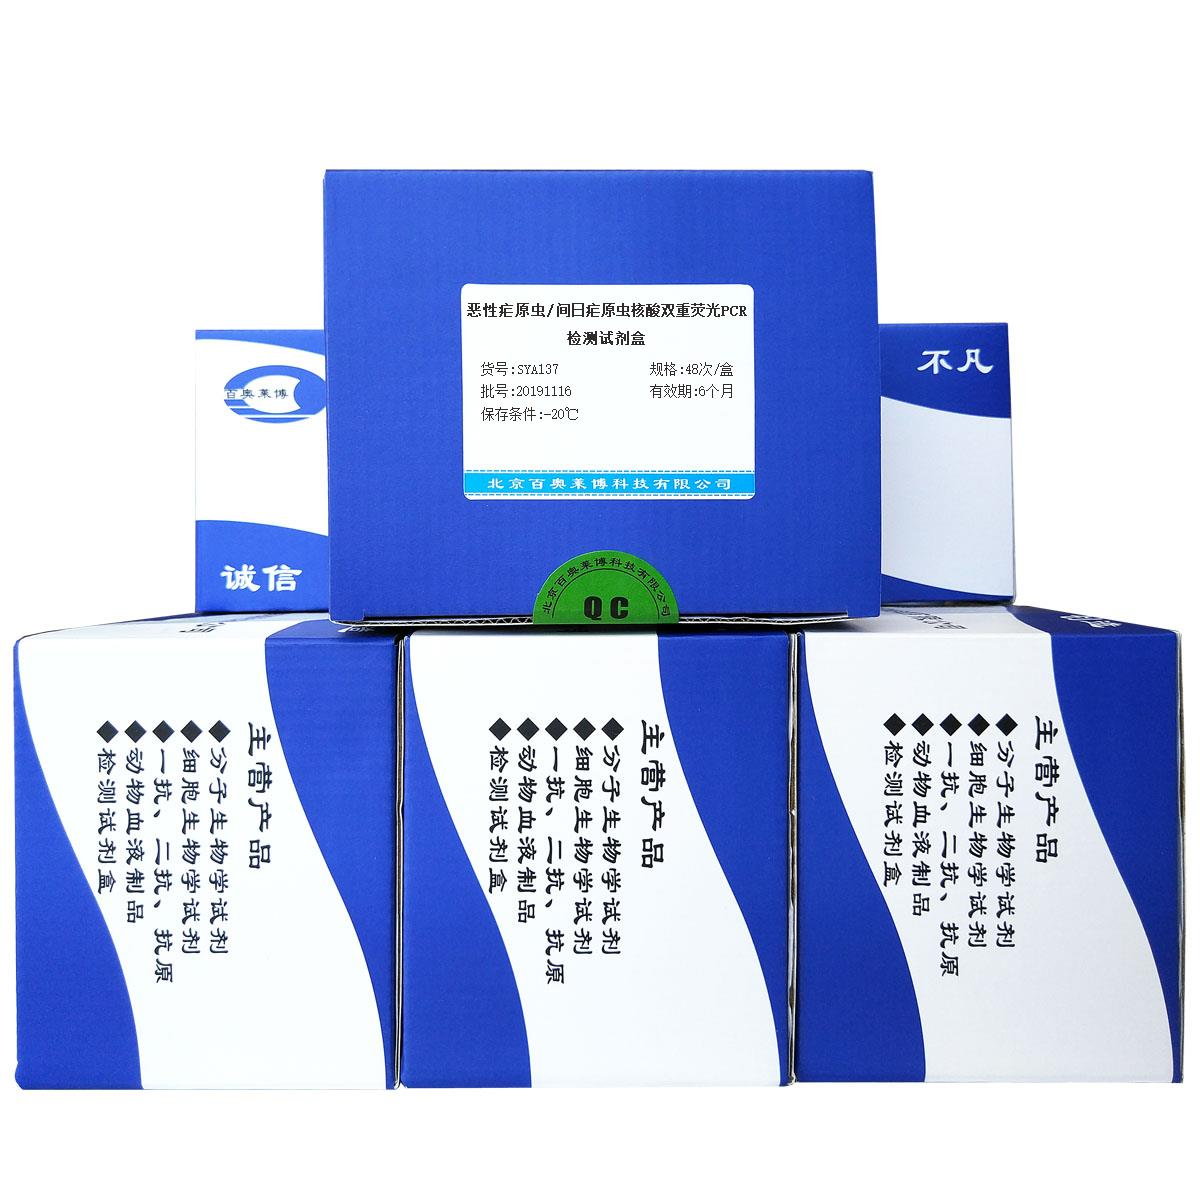 恶性疟原虫/间日疟原虫核酸双重荧光PCR检测试剂盒